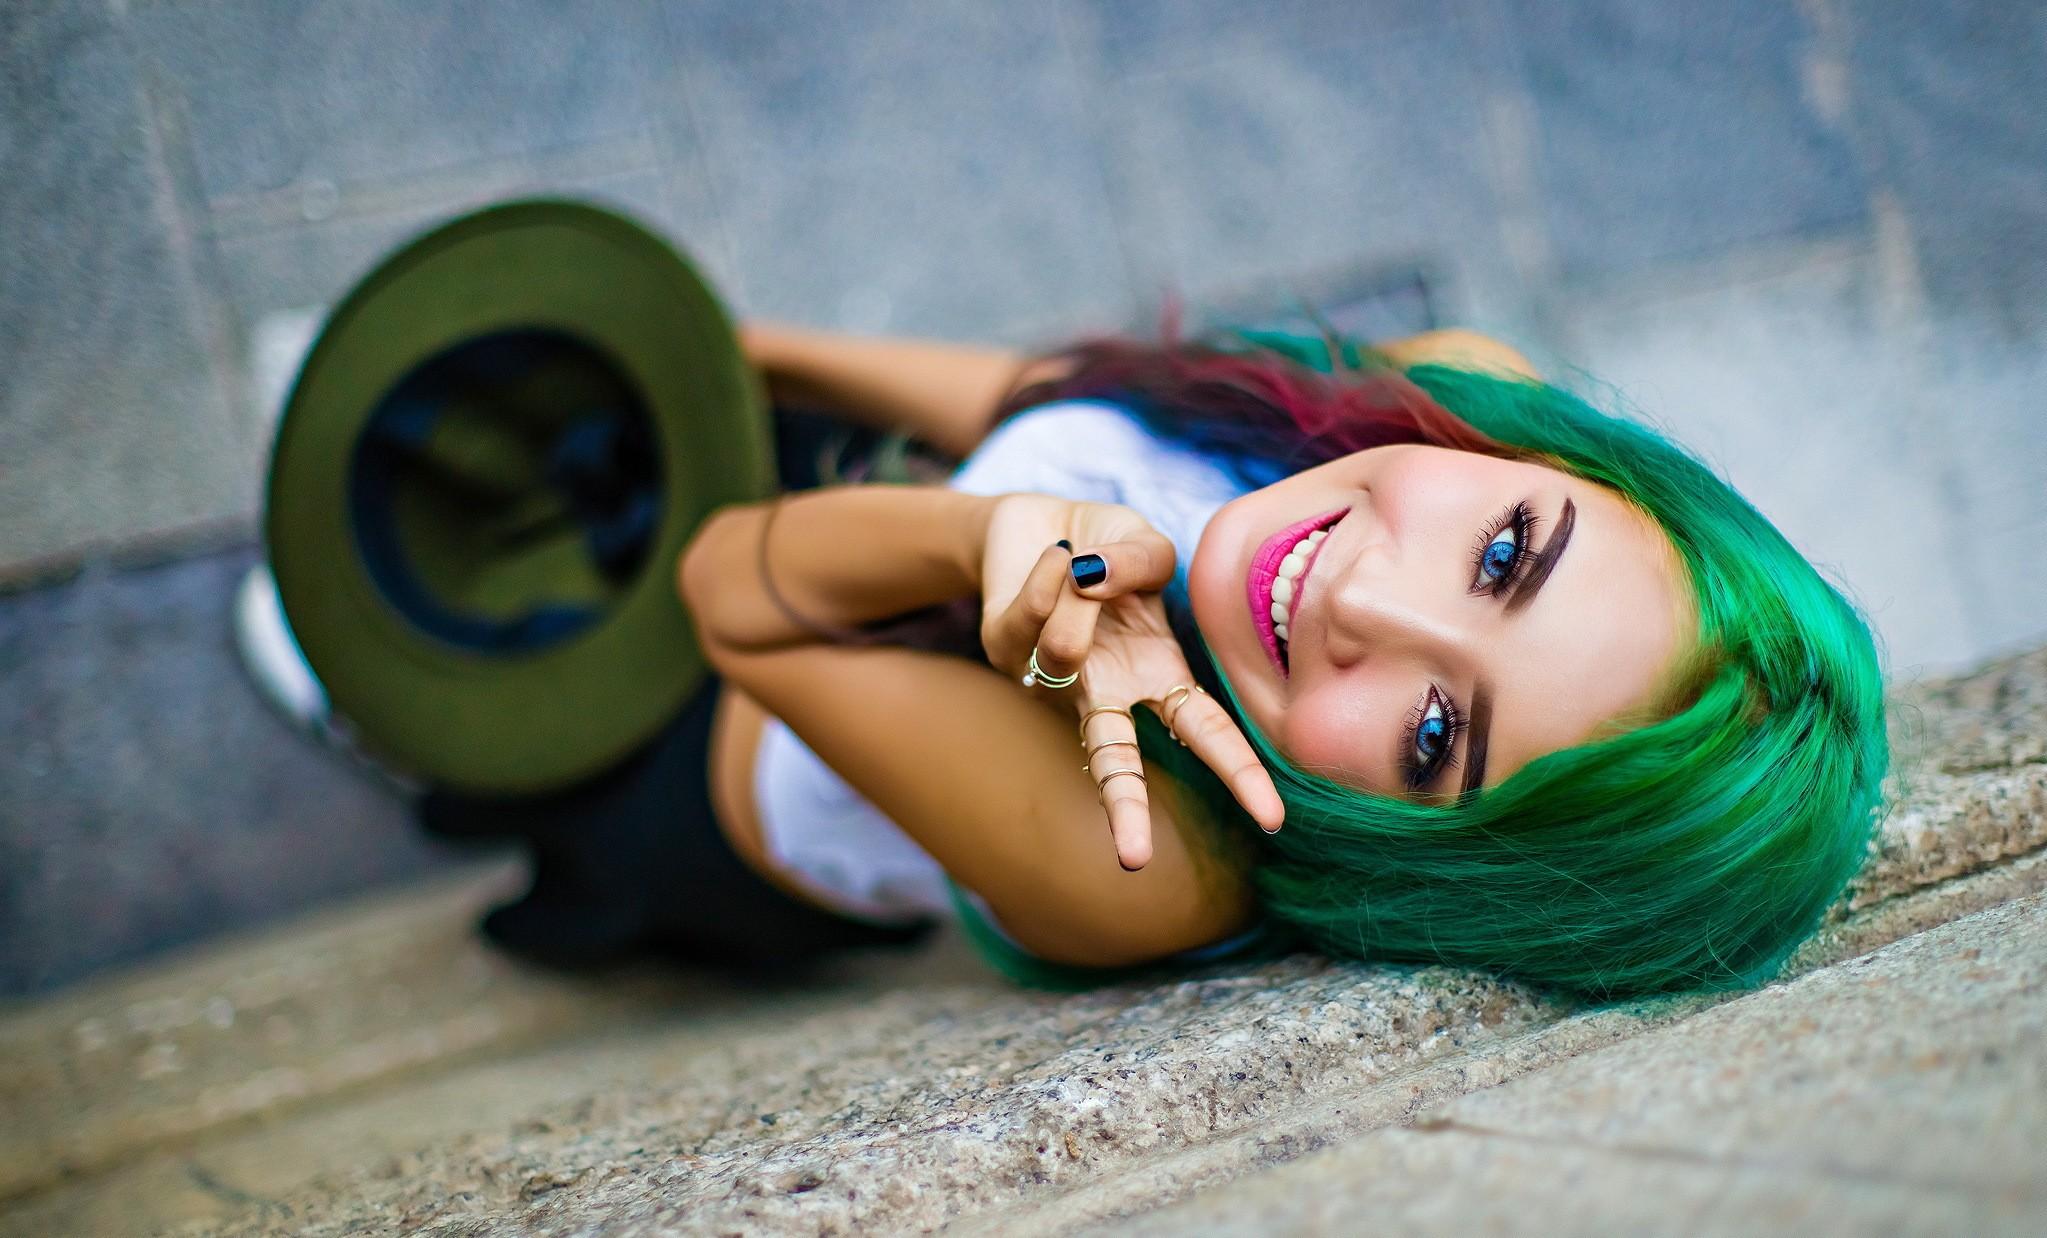 Красивые девушки с зелеными волосами картинки